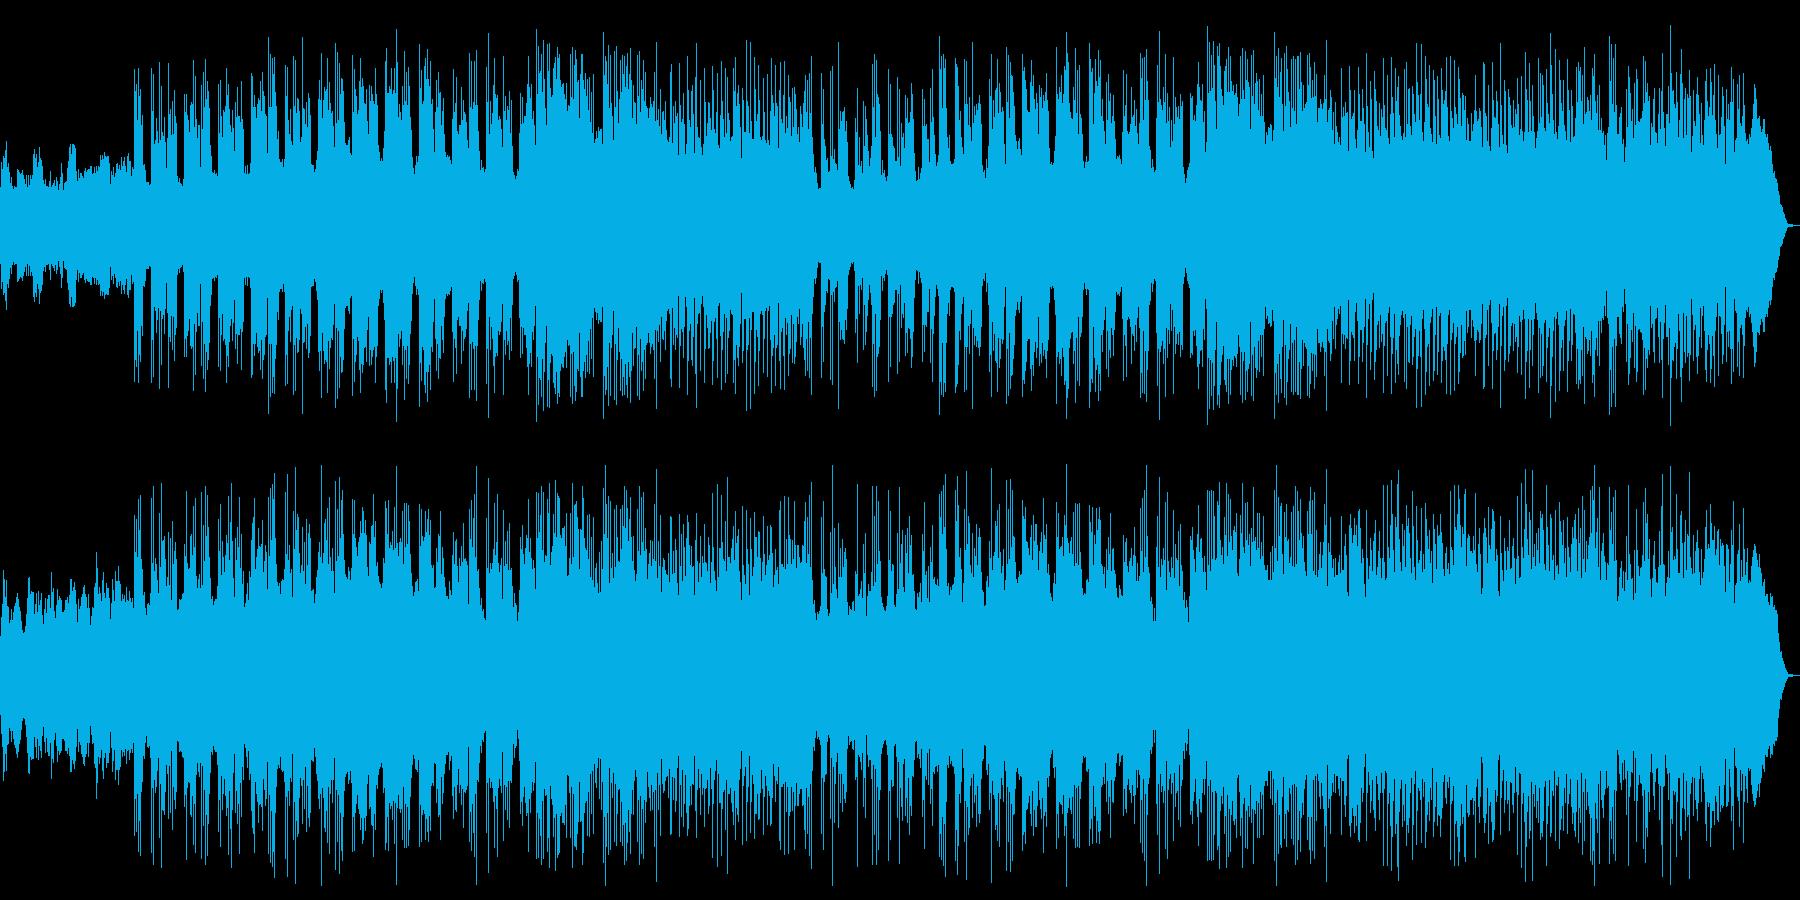 ヘビーメタル ダークな魔族系フィールド曲の再生済みの波形